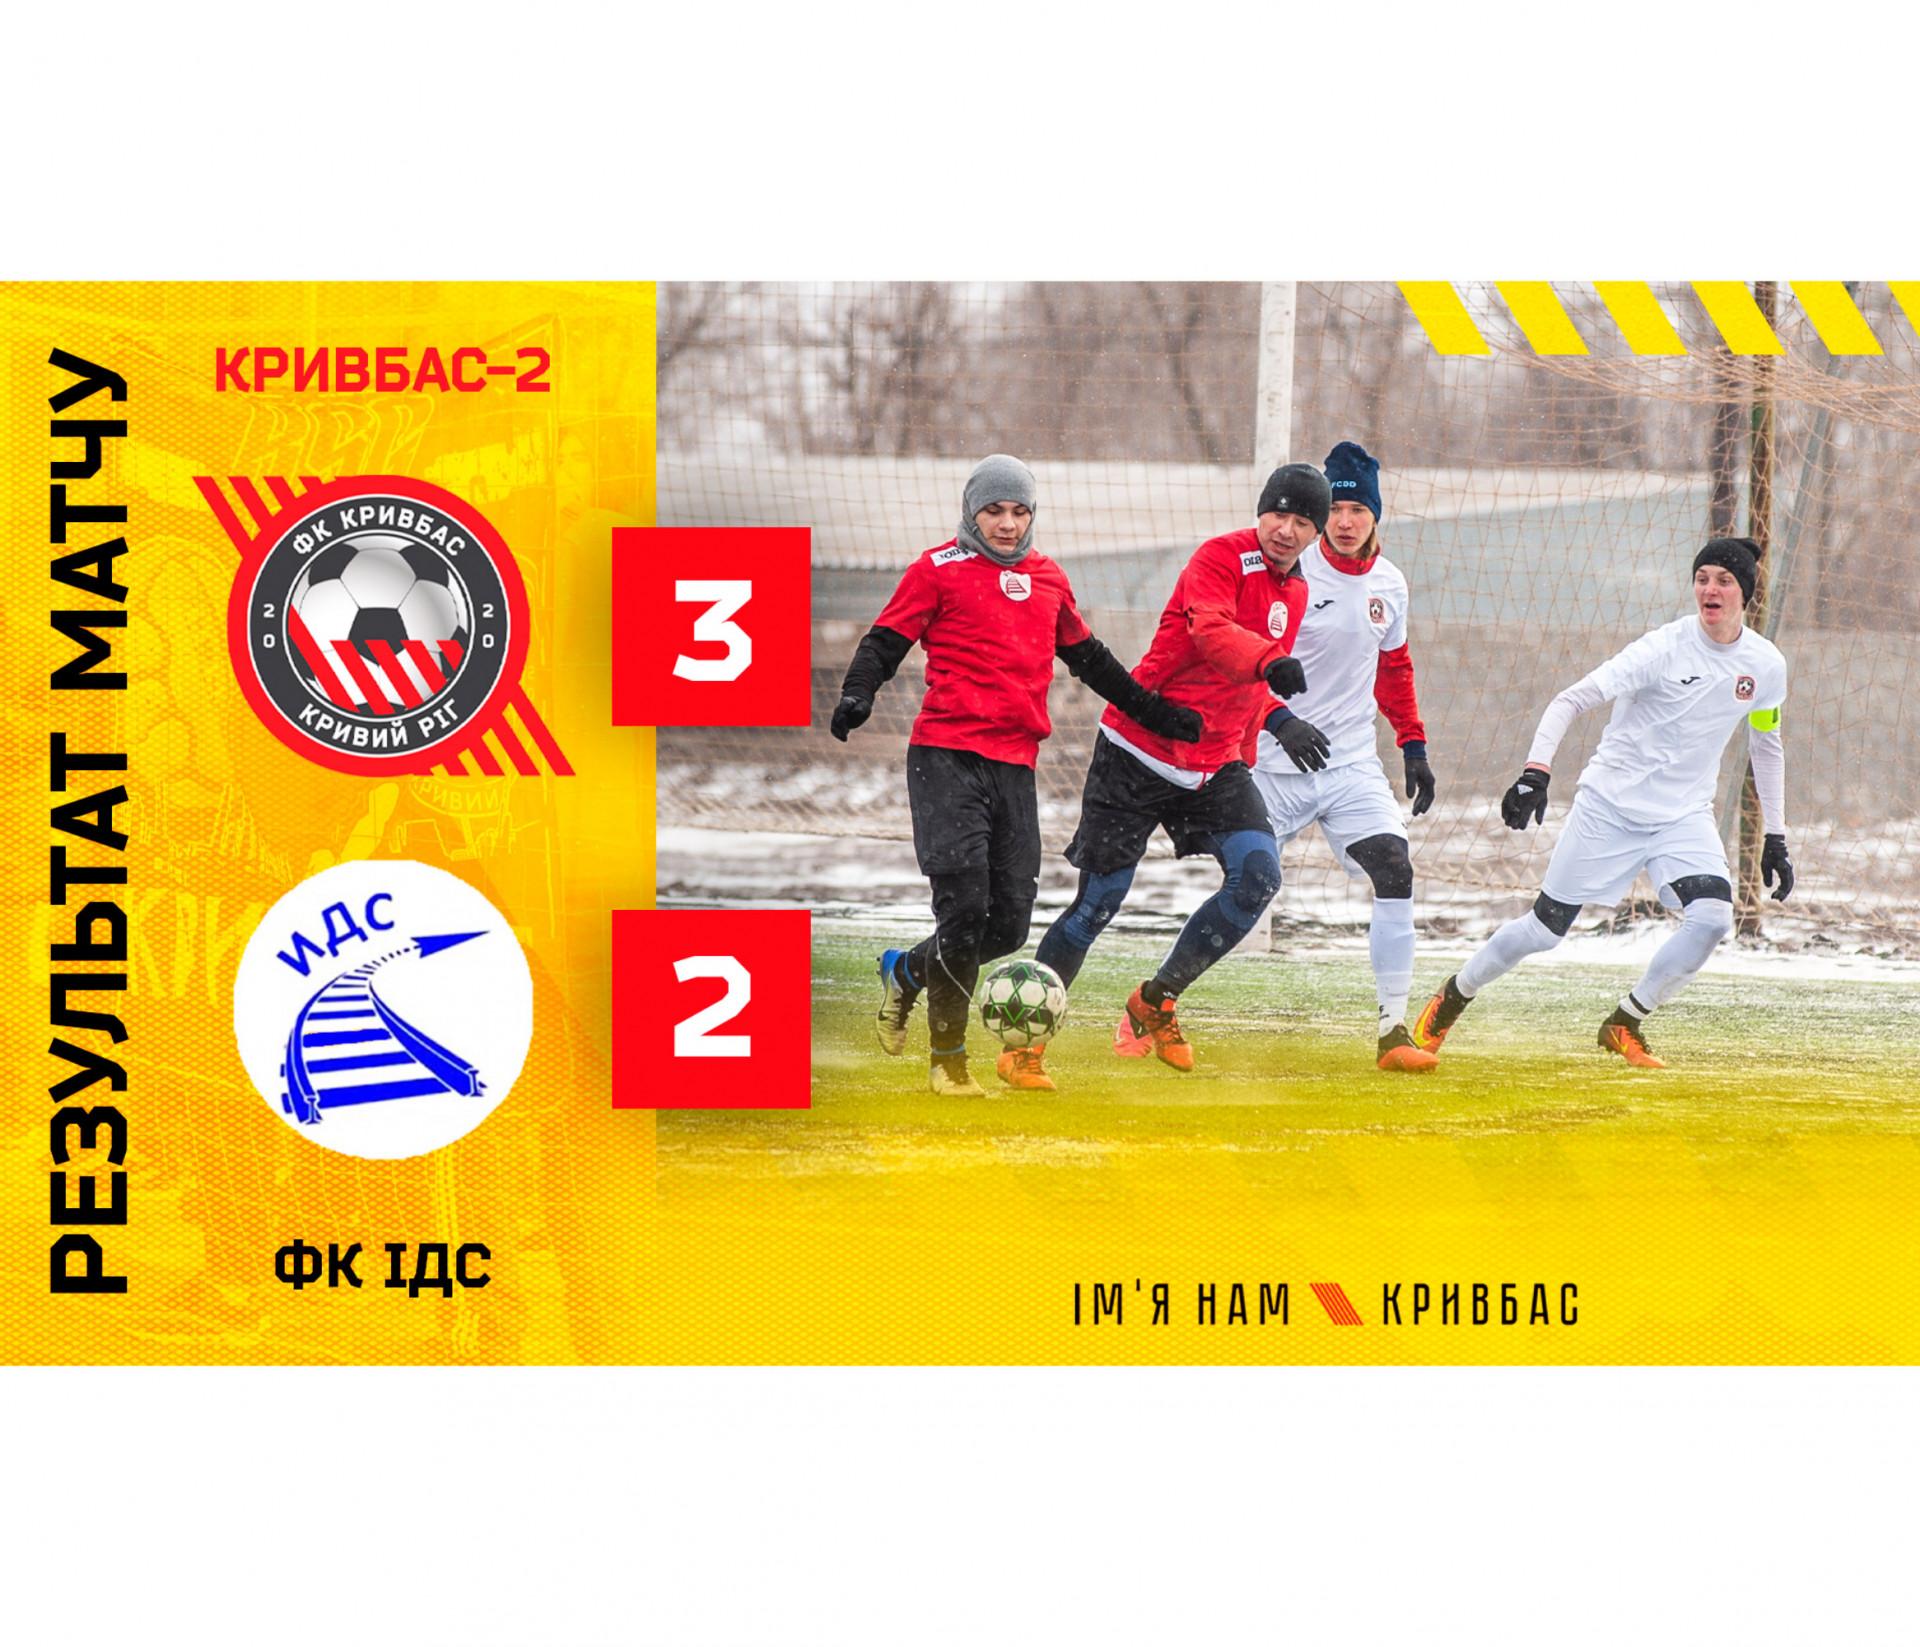 """""""Кривбас-2"""" - ІДС 3:2}"""